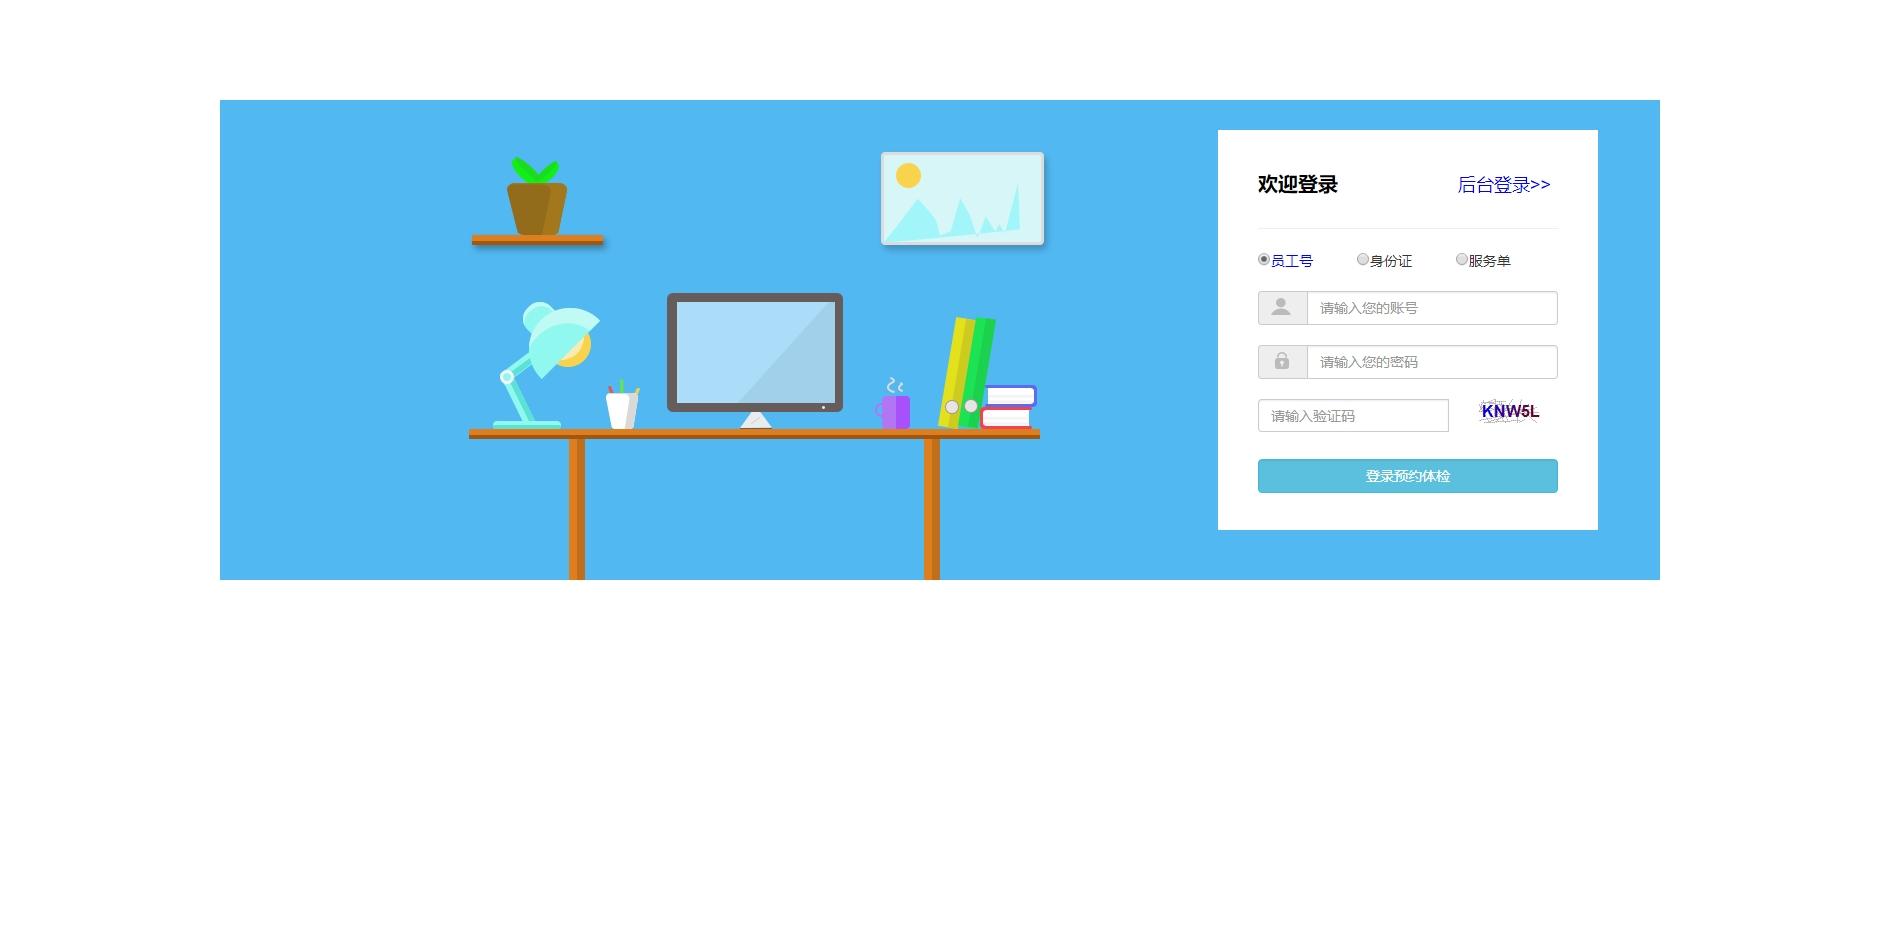 办公室扁平插画的网页登录界面设计html模板